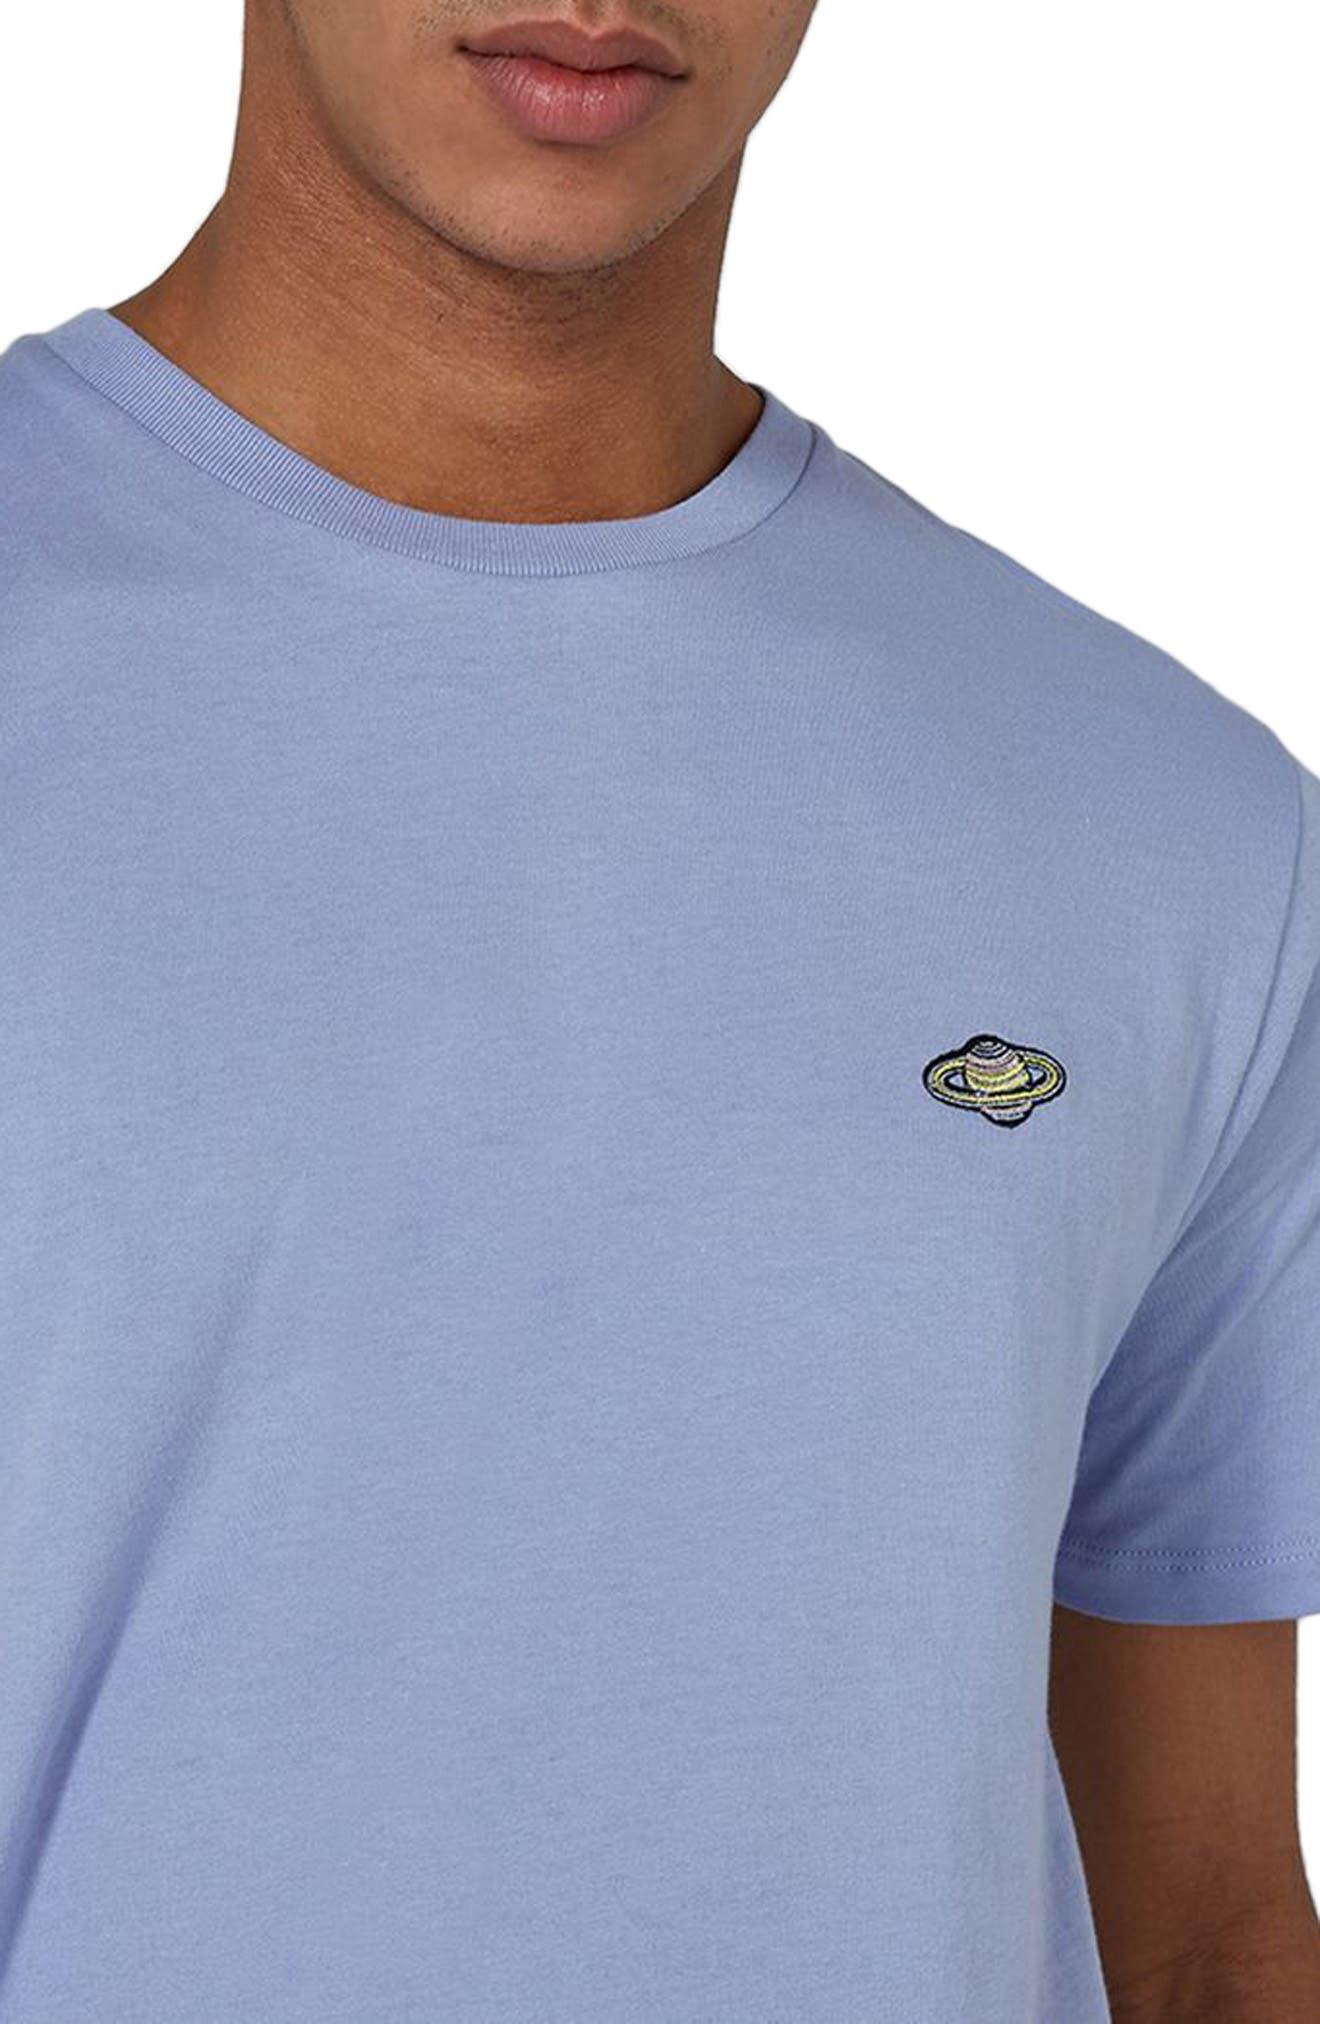 Saturn Logo T-Shirt,                             Alternate thumbnail 3, color,                             Purple